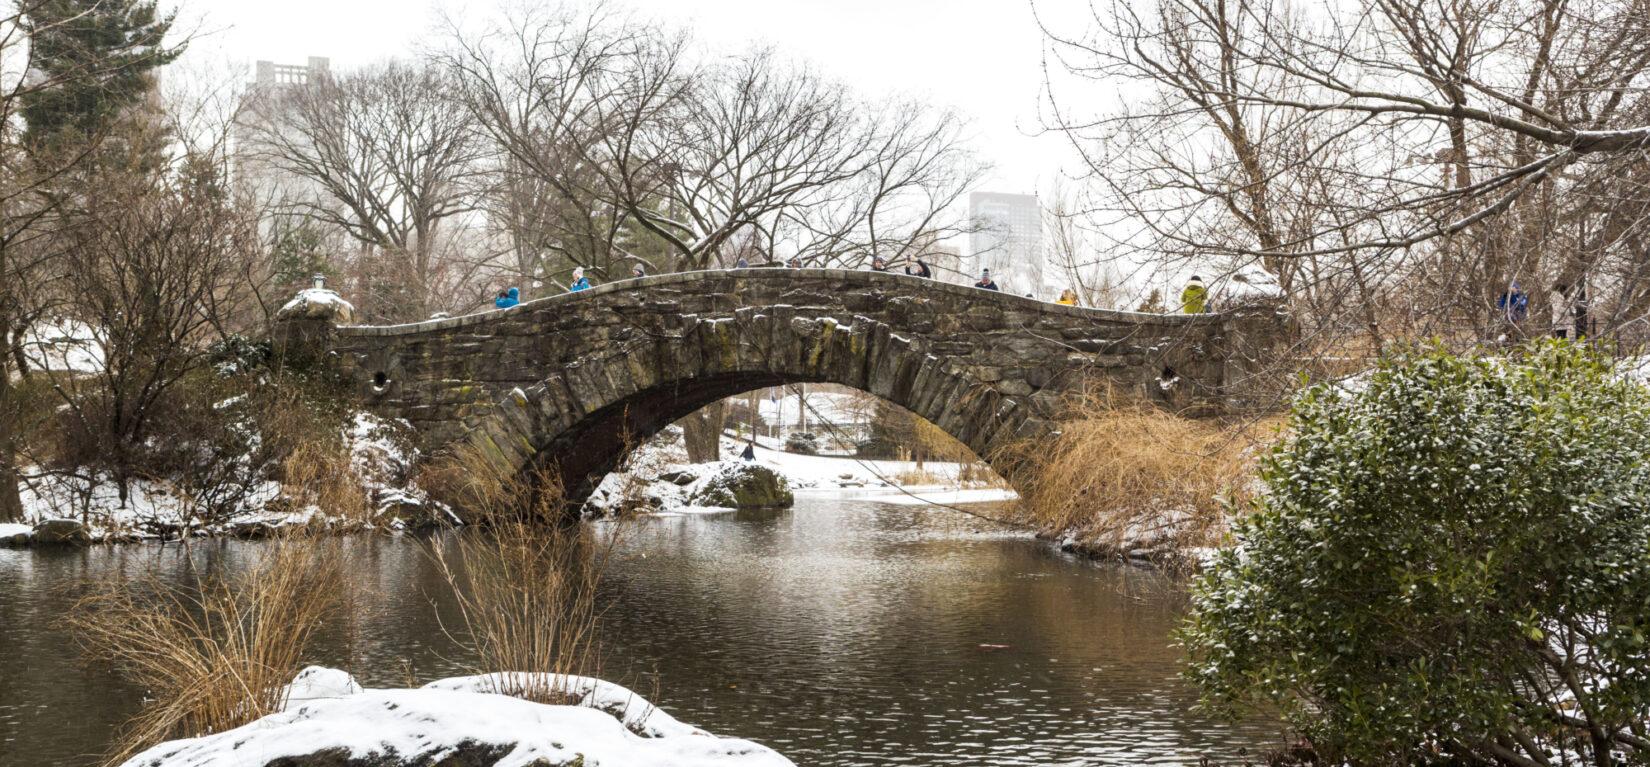 Gapstow Bridge shown in winter spanning the Pond